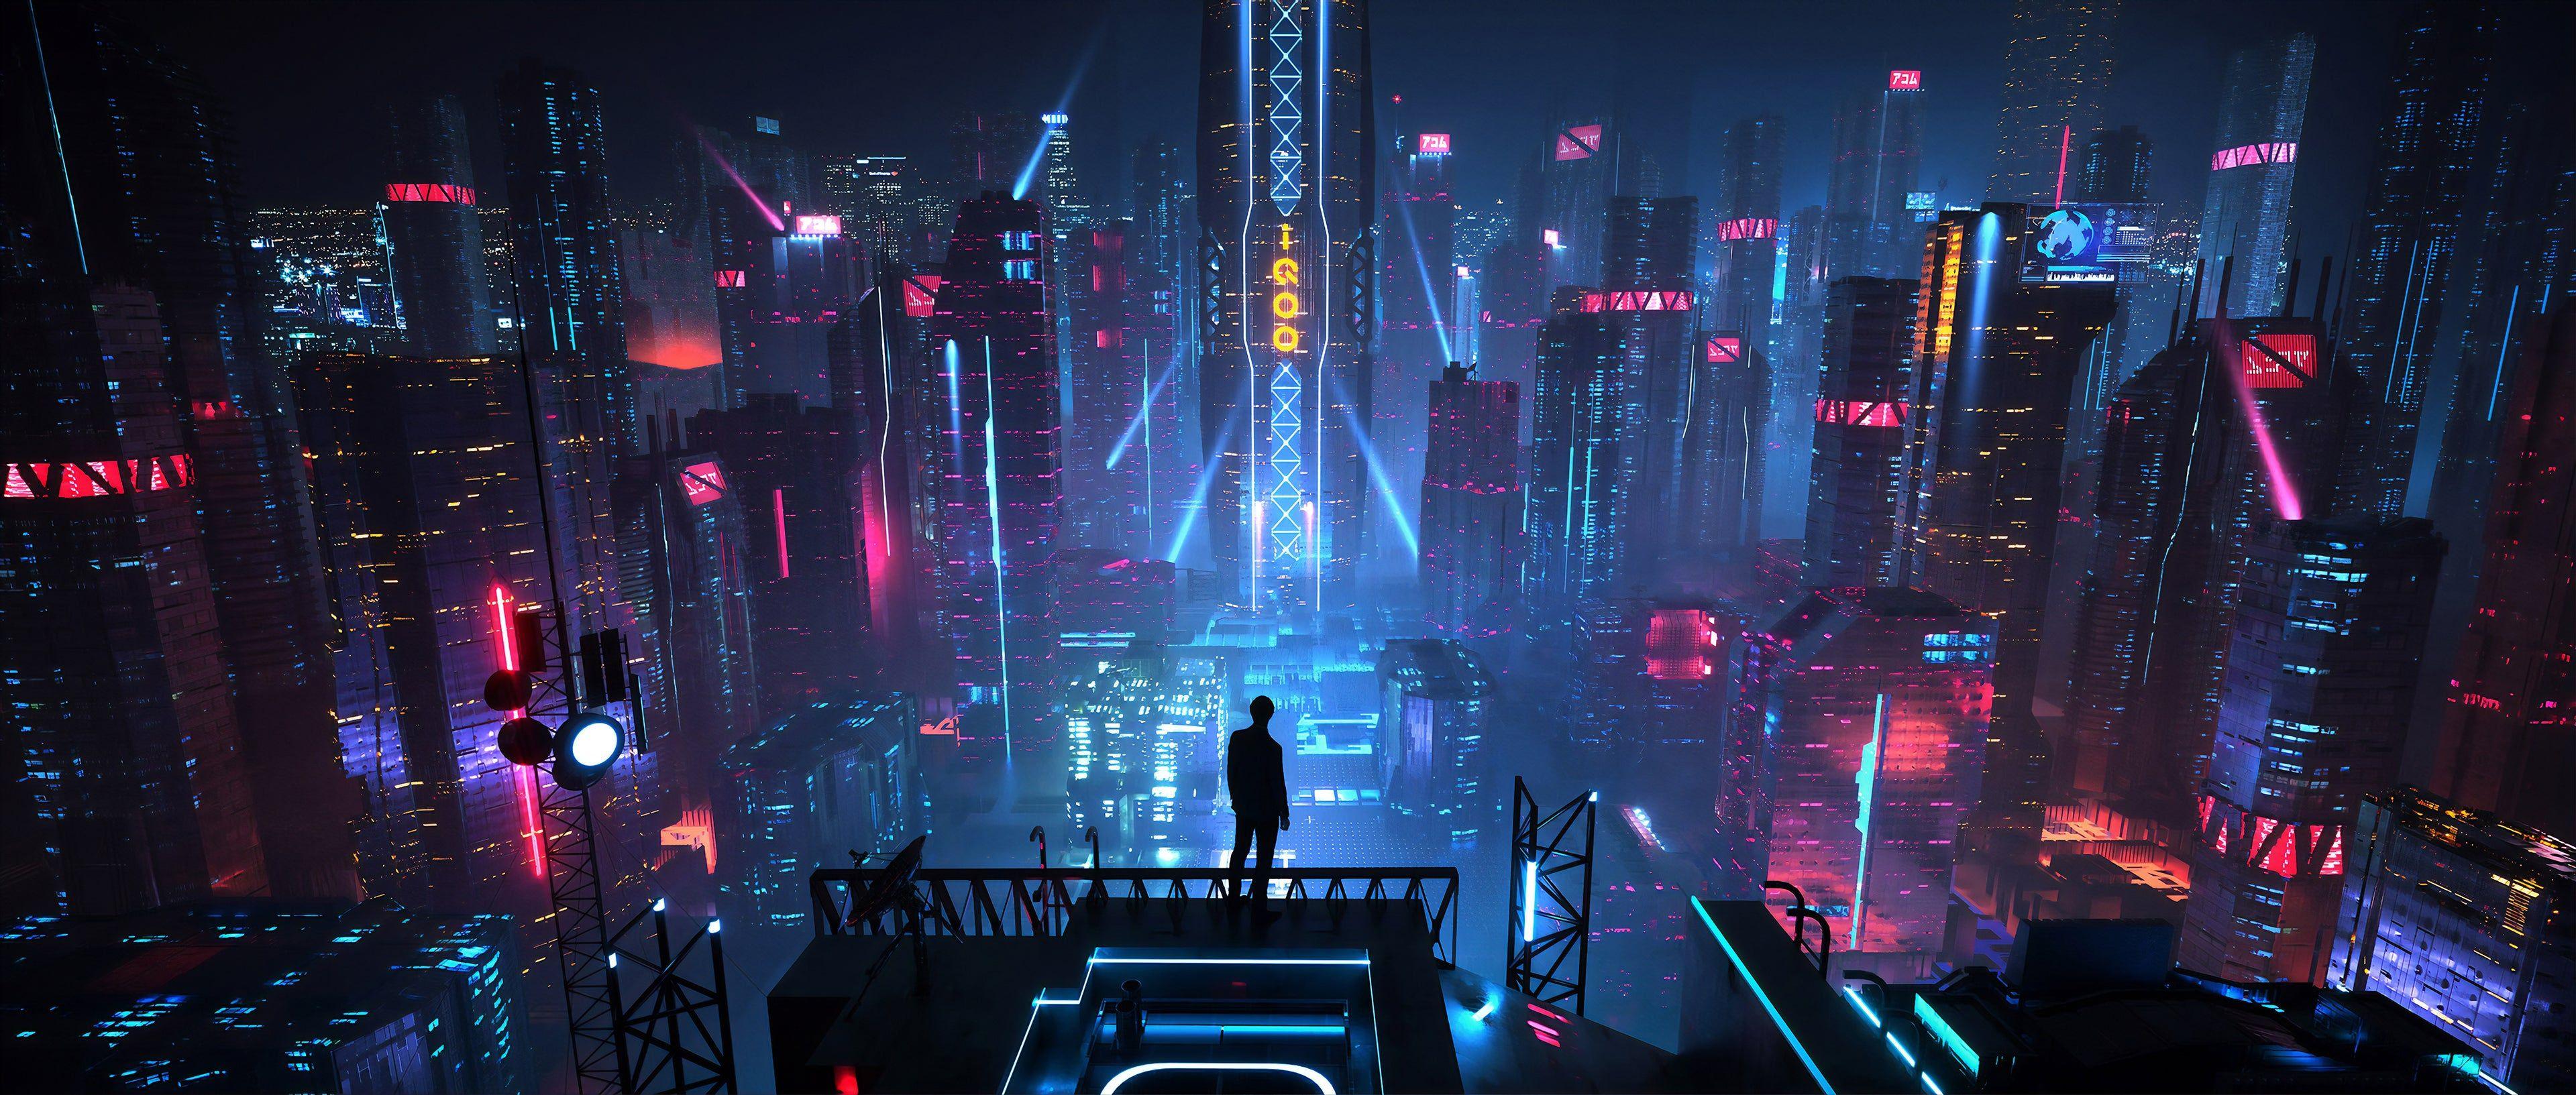 Cyberpunk City Wallpaper Futuristic City Cyberpunk City Scene Design